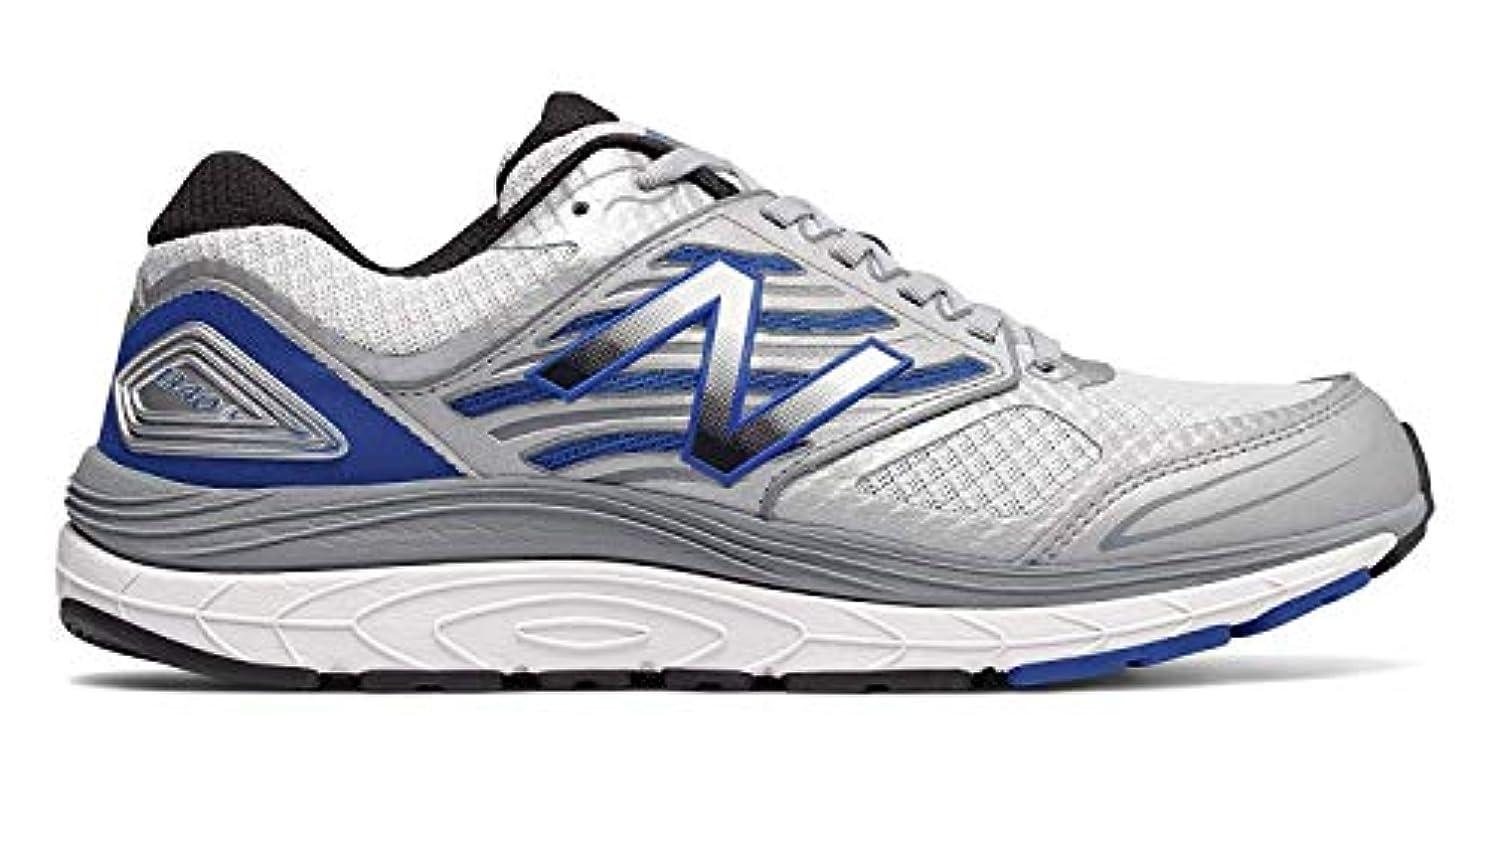 礼拝食堂黒くする[ニューバランス] メンズ 男性用 シューズ 靴 スニーカー 運動靴 1340v3 - White/Blue [並行輸入品]